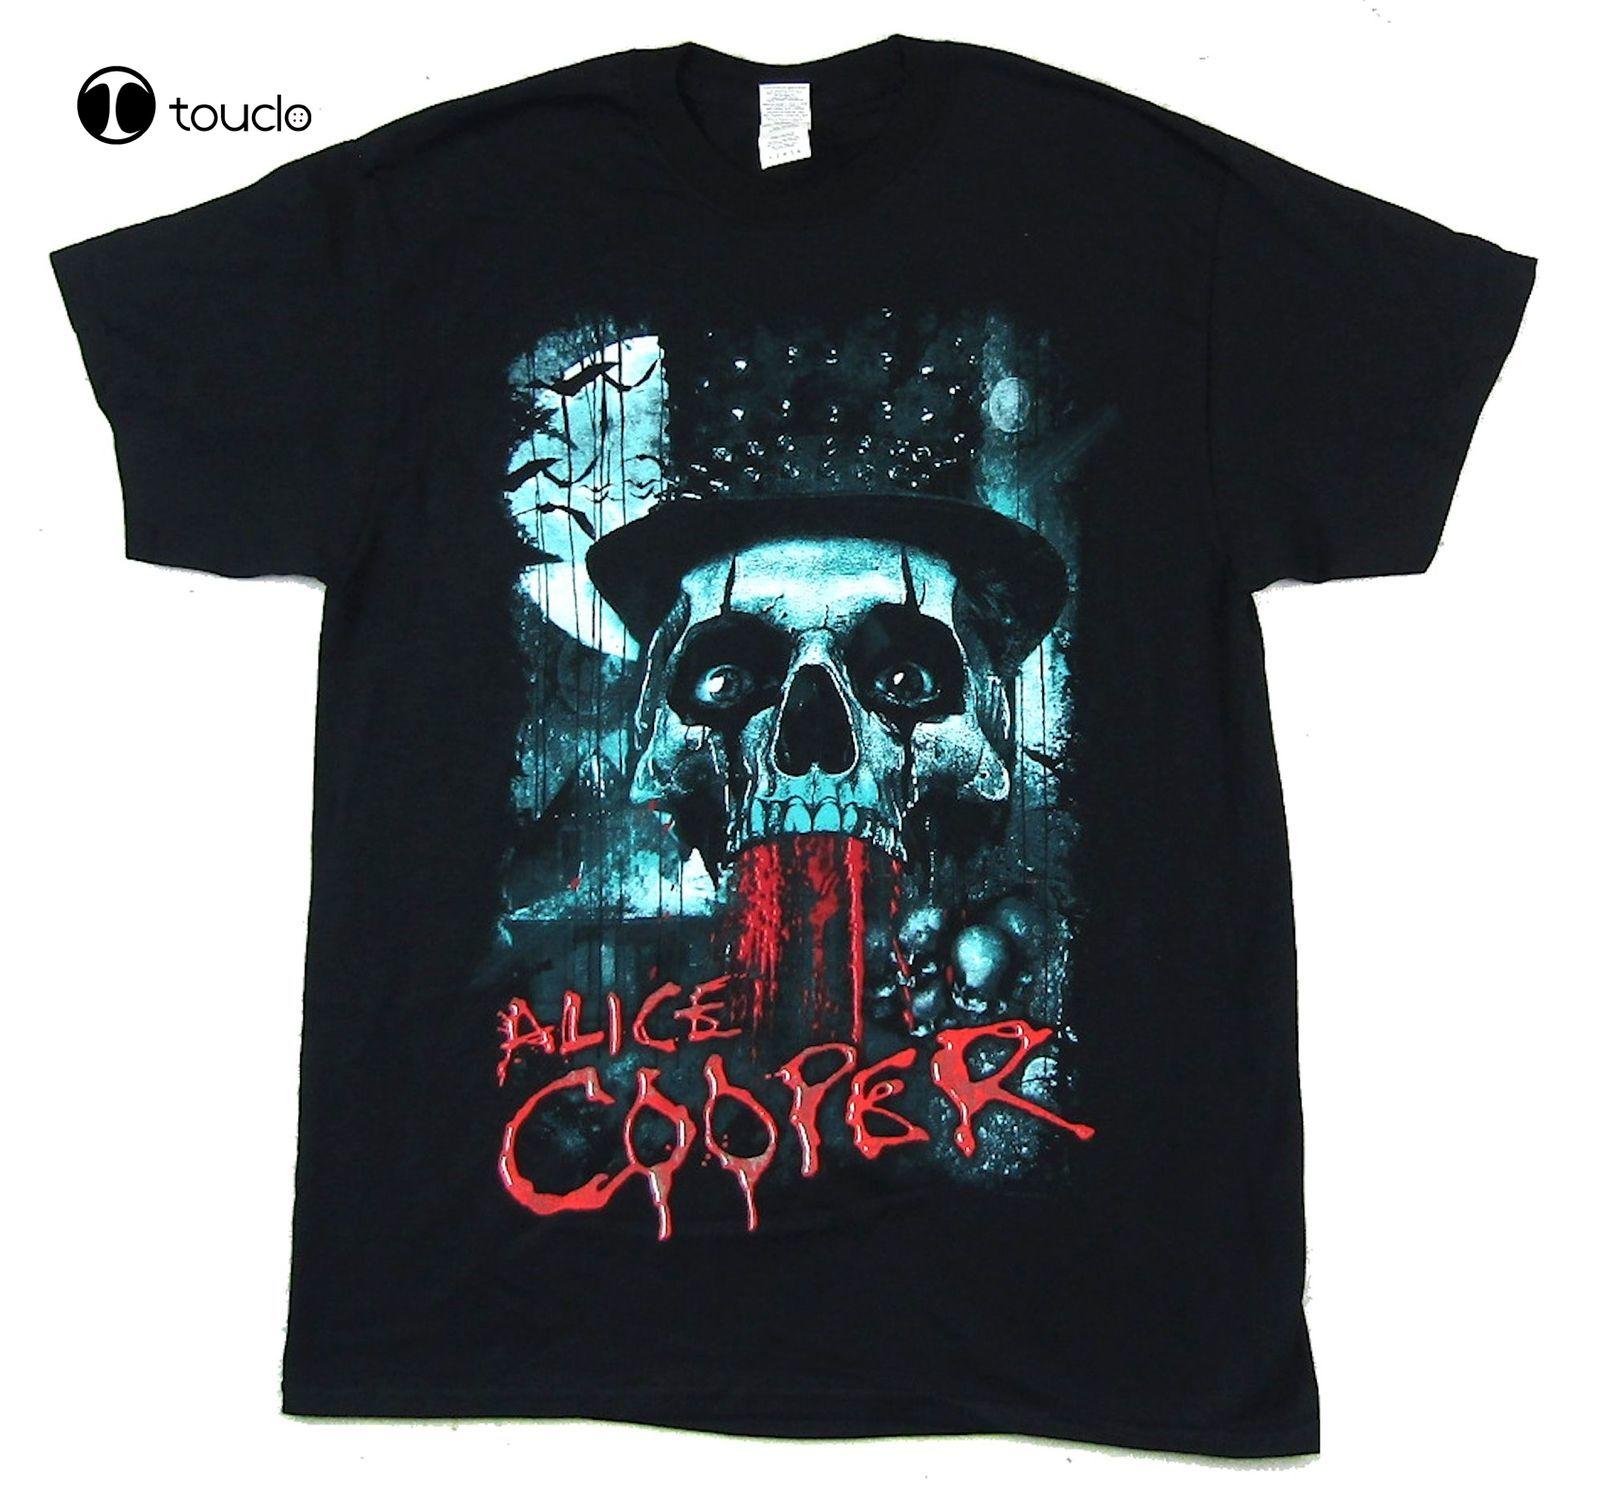 Camiseta negra con calavera de Alice Cooper, camisa oficial de algodón, nueva